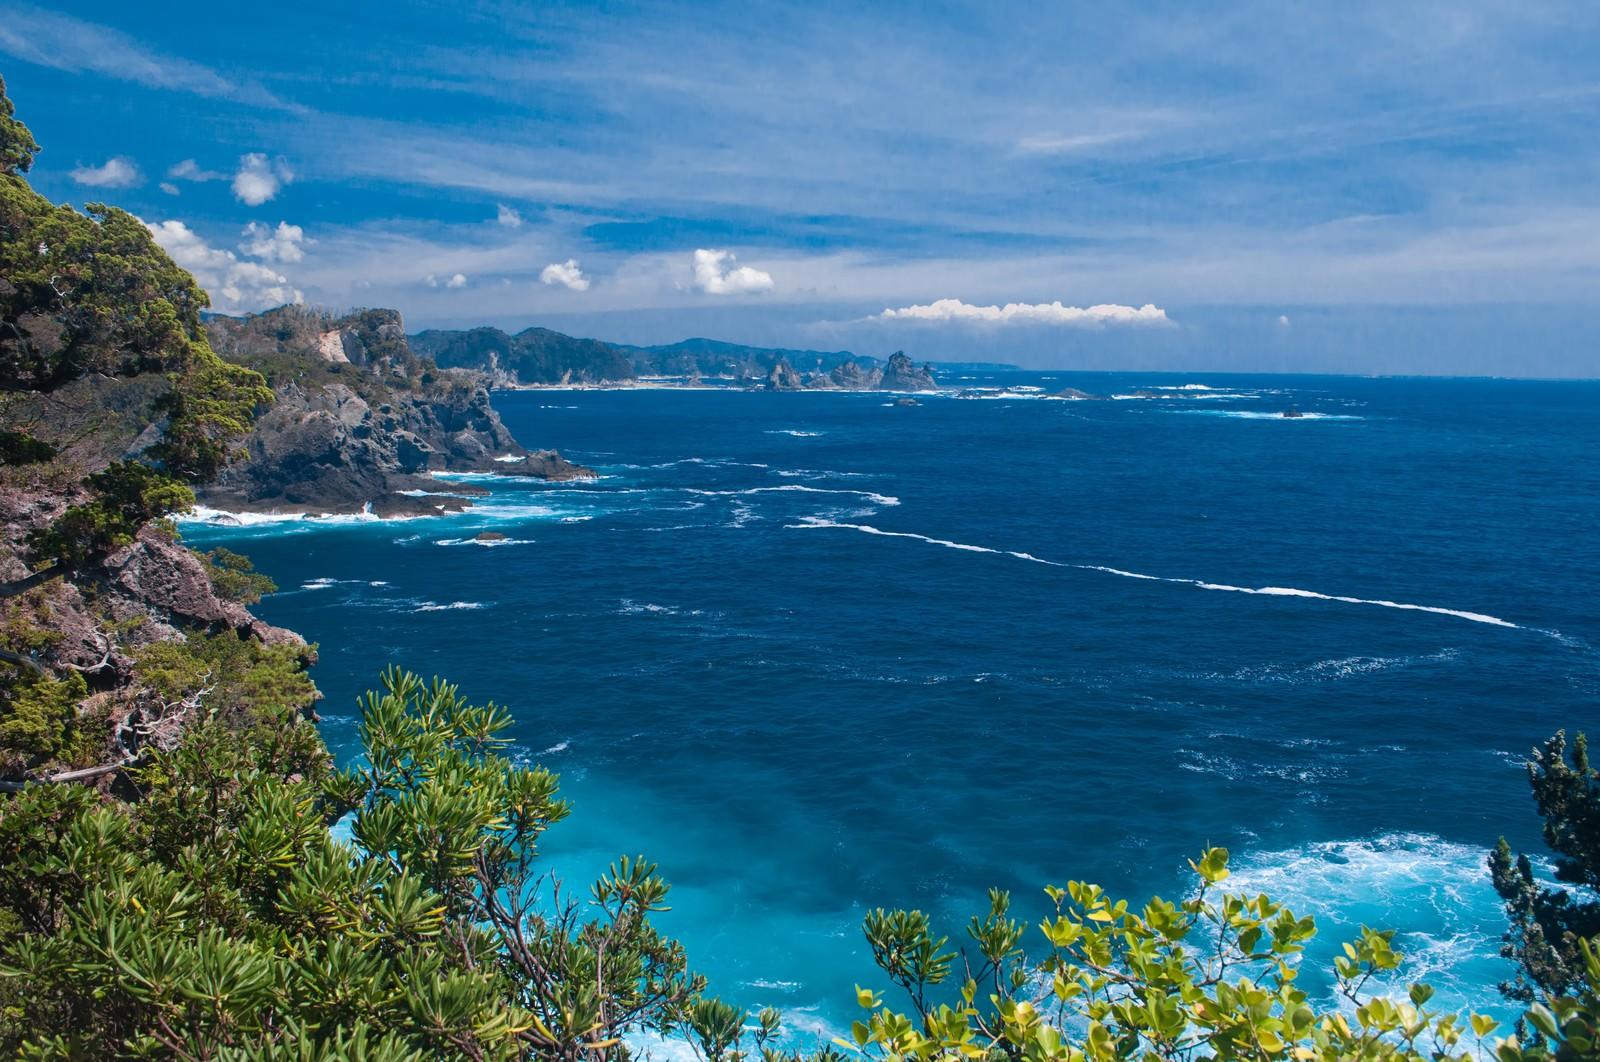 「石廊崎からの景観」の写真